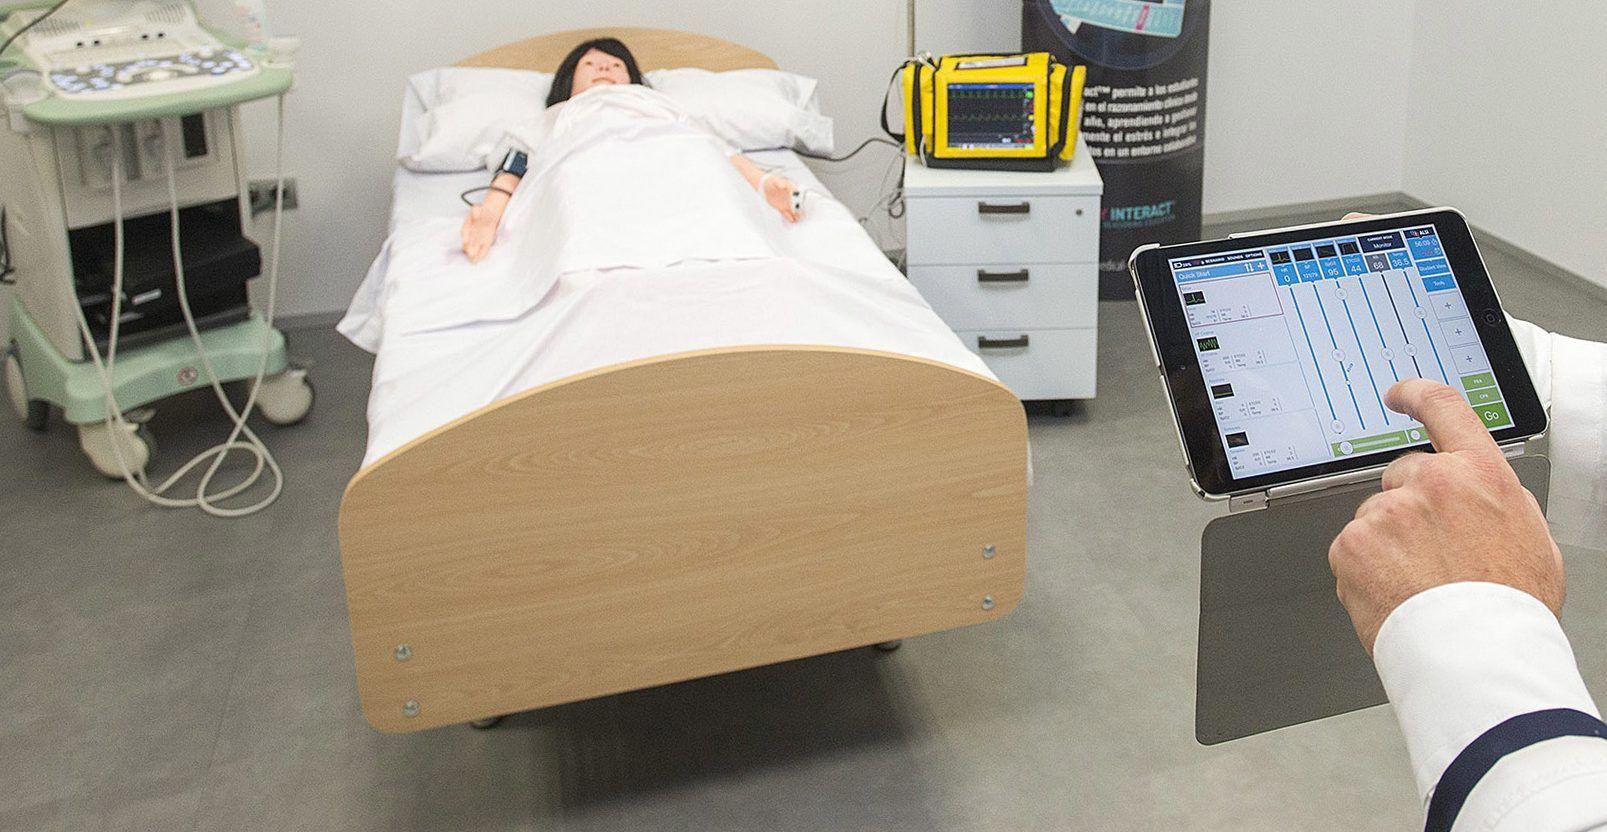 Una de las camas hospitalarias del Centro de Simulación Avanzada del CEU-UCH en Castellón.